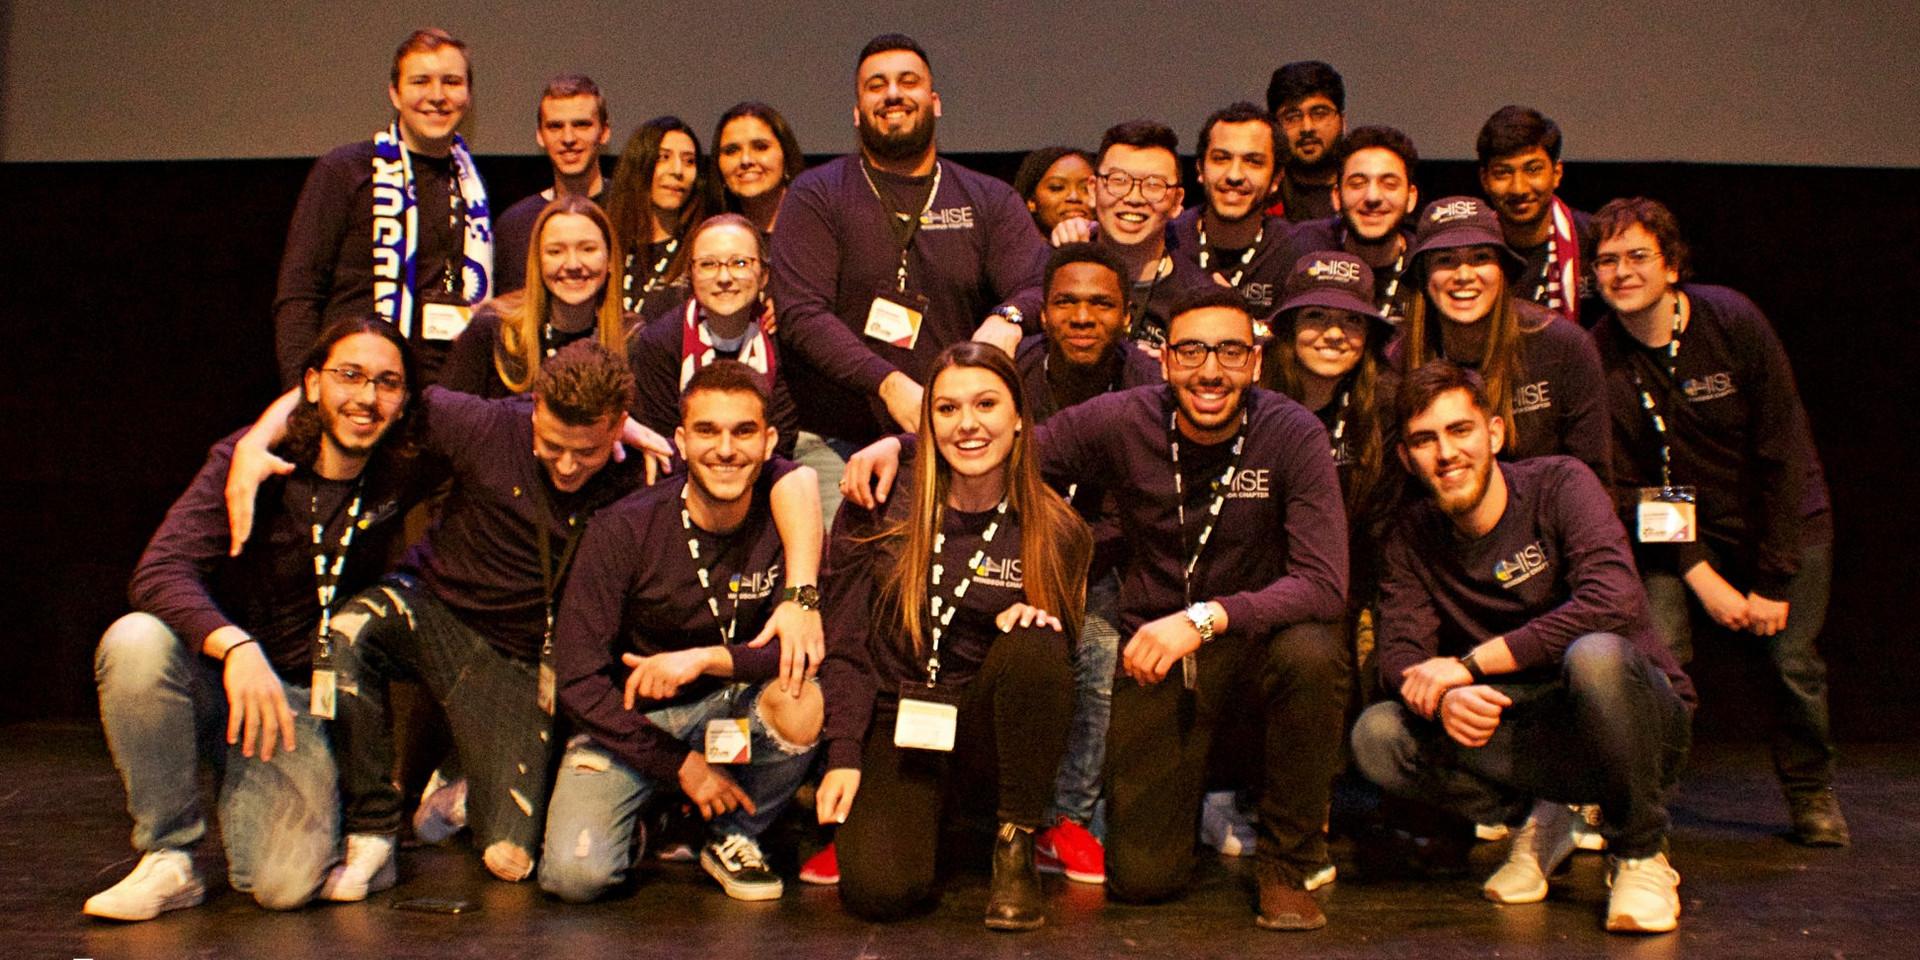 Windsor University delegation